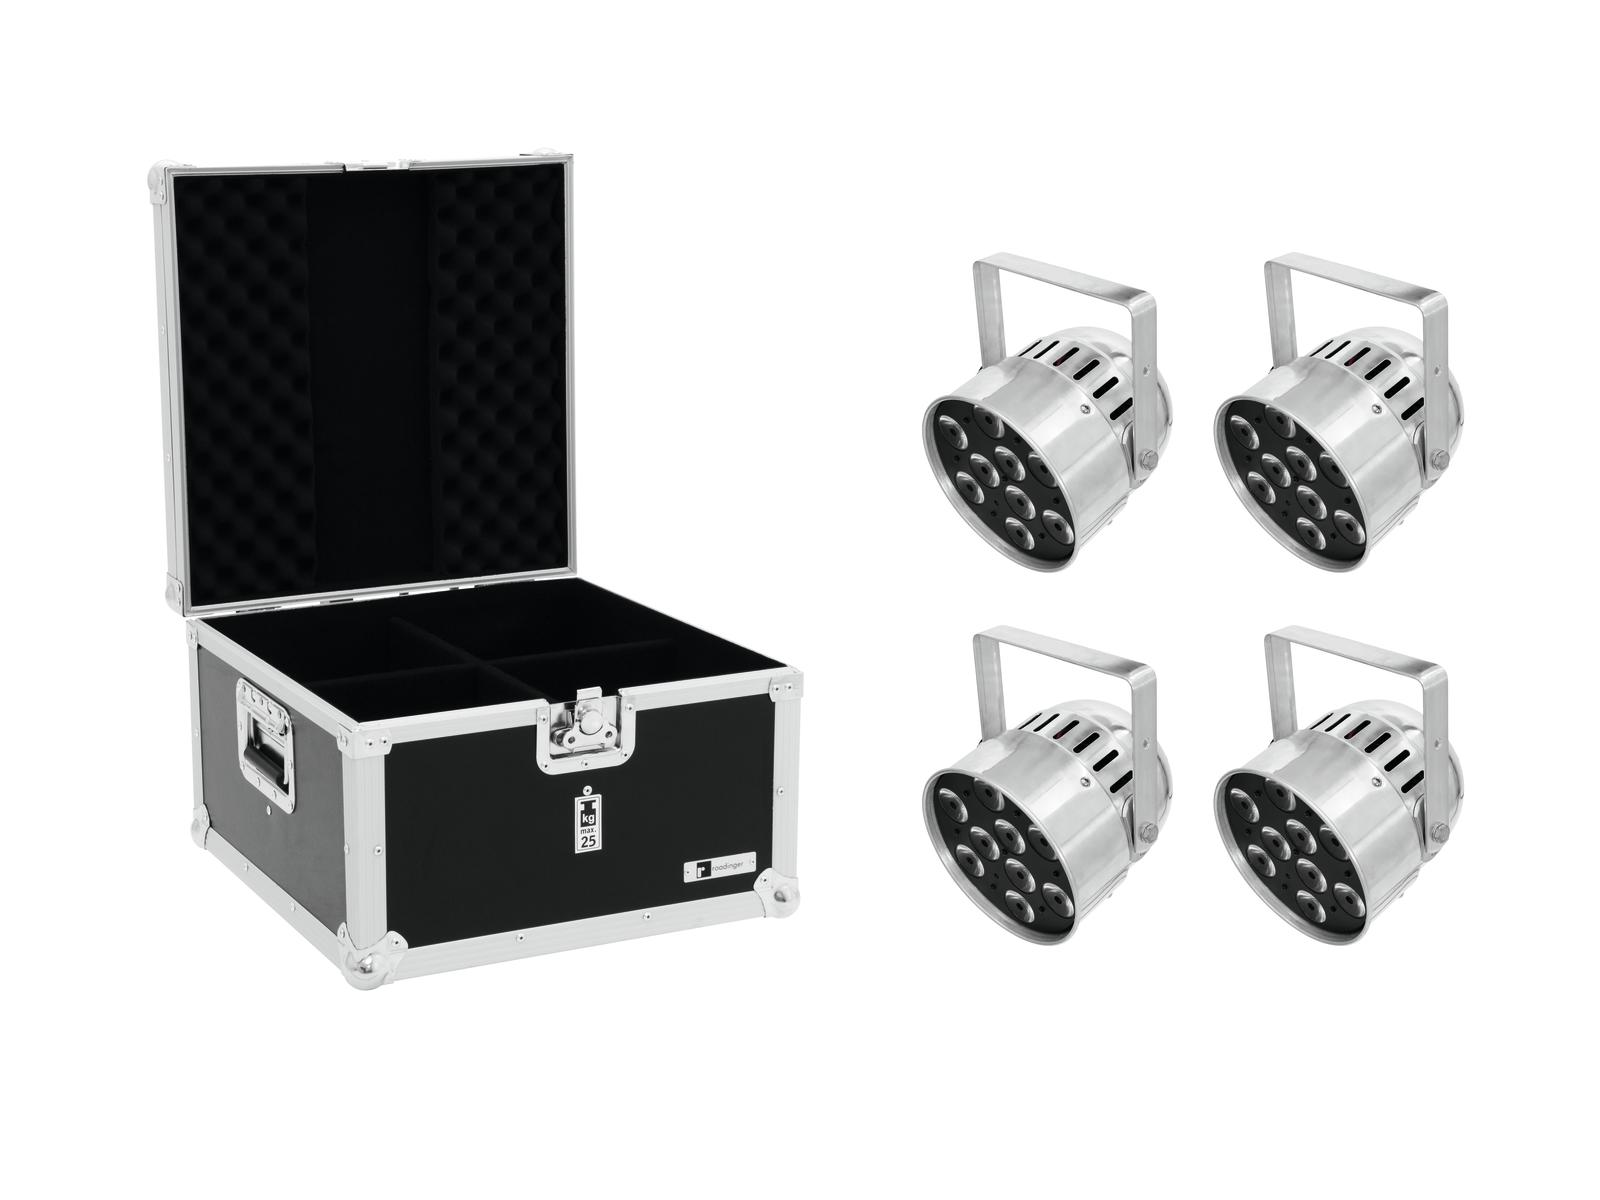 EUROLITE Set 4x LED PAR-56 QCL Short sil + EPS Case